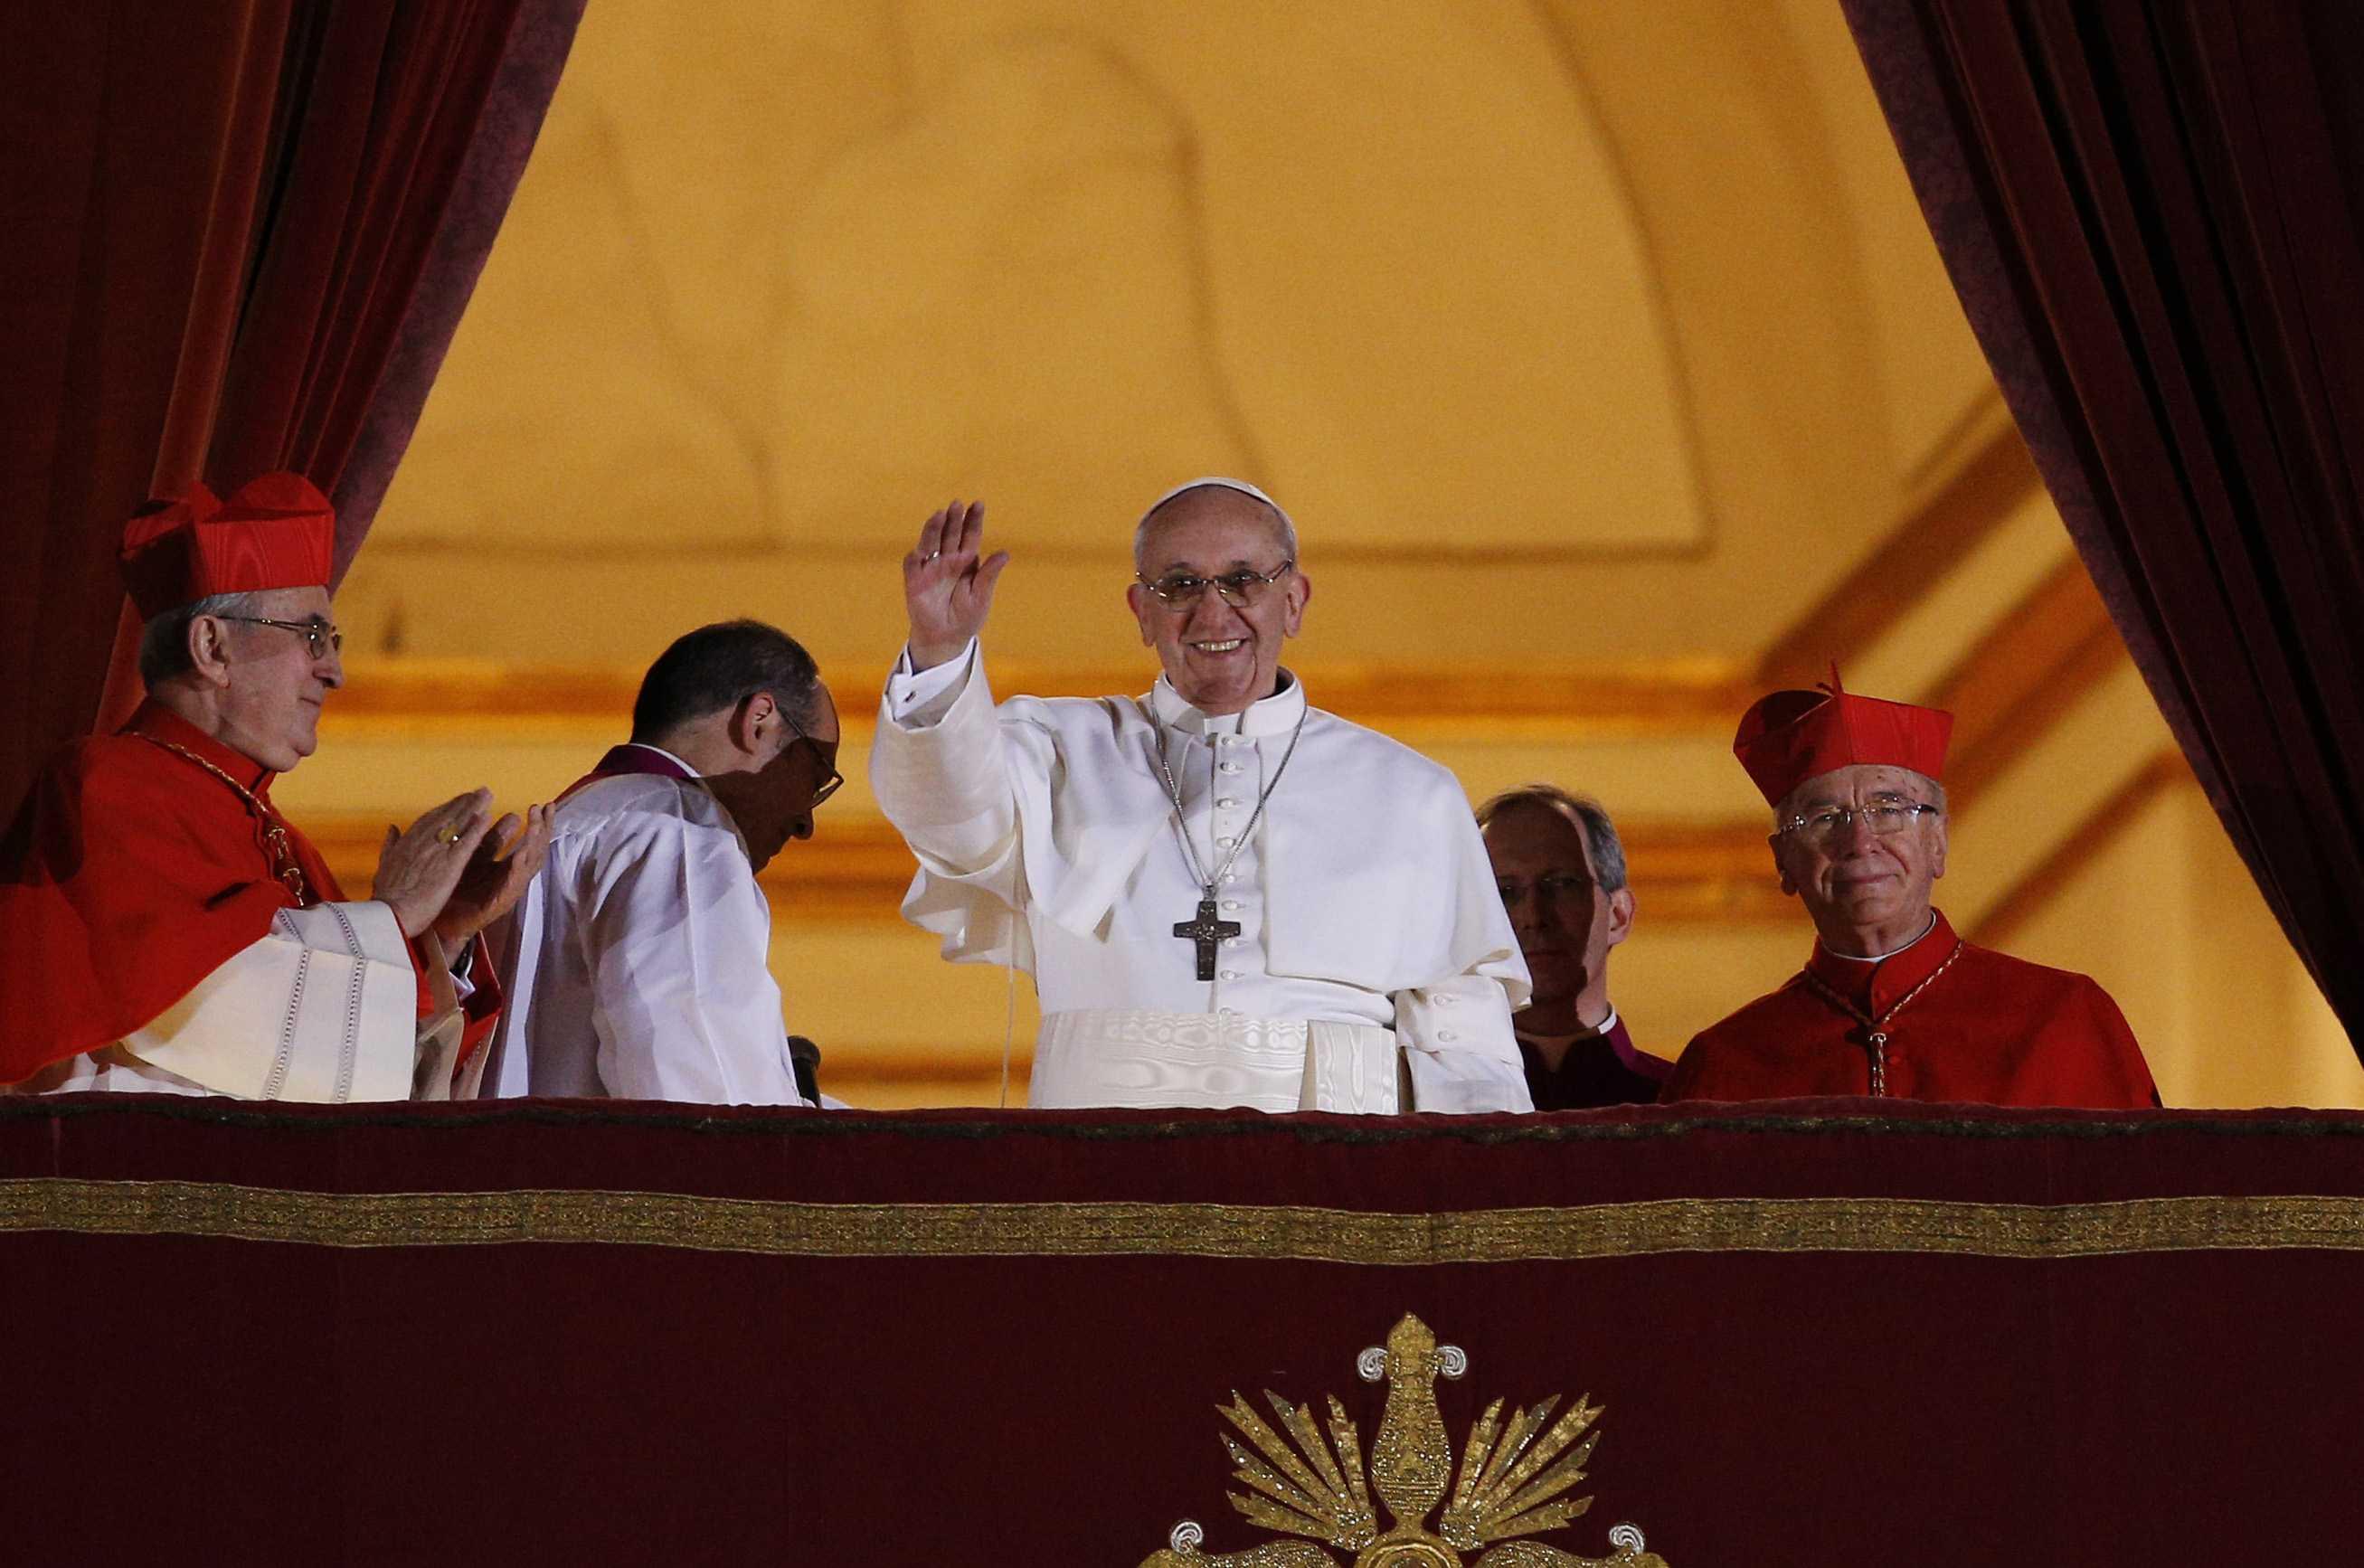 Cardinal Jorge Mario Bergoglio to be Pope Francis